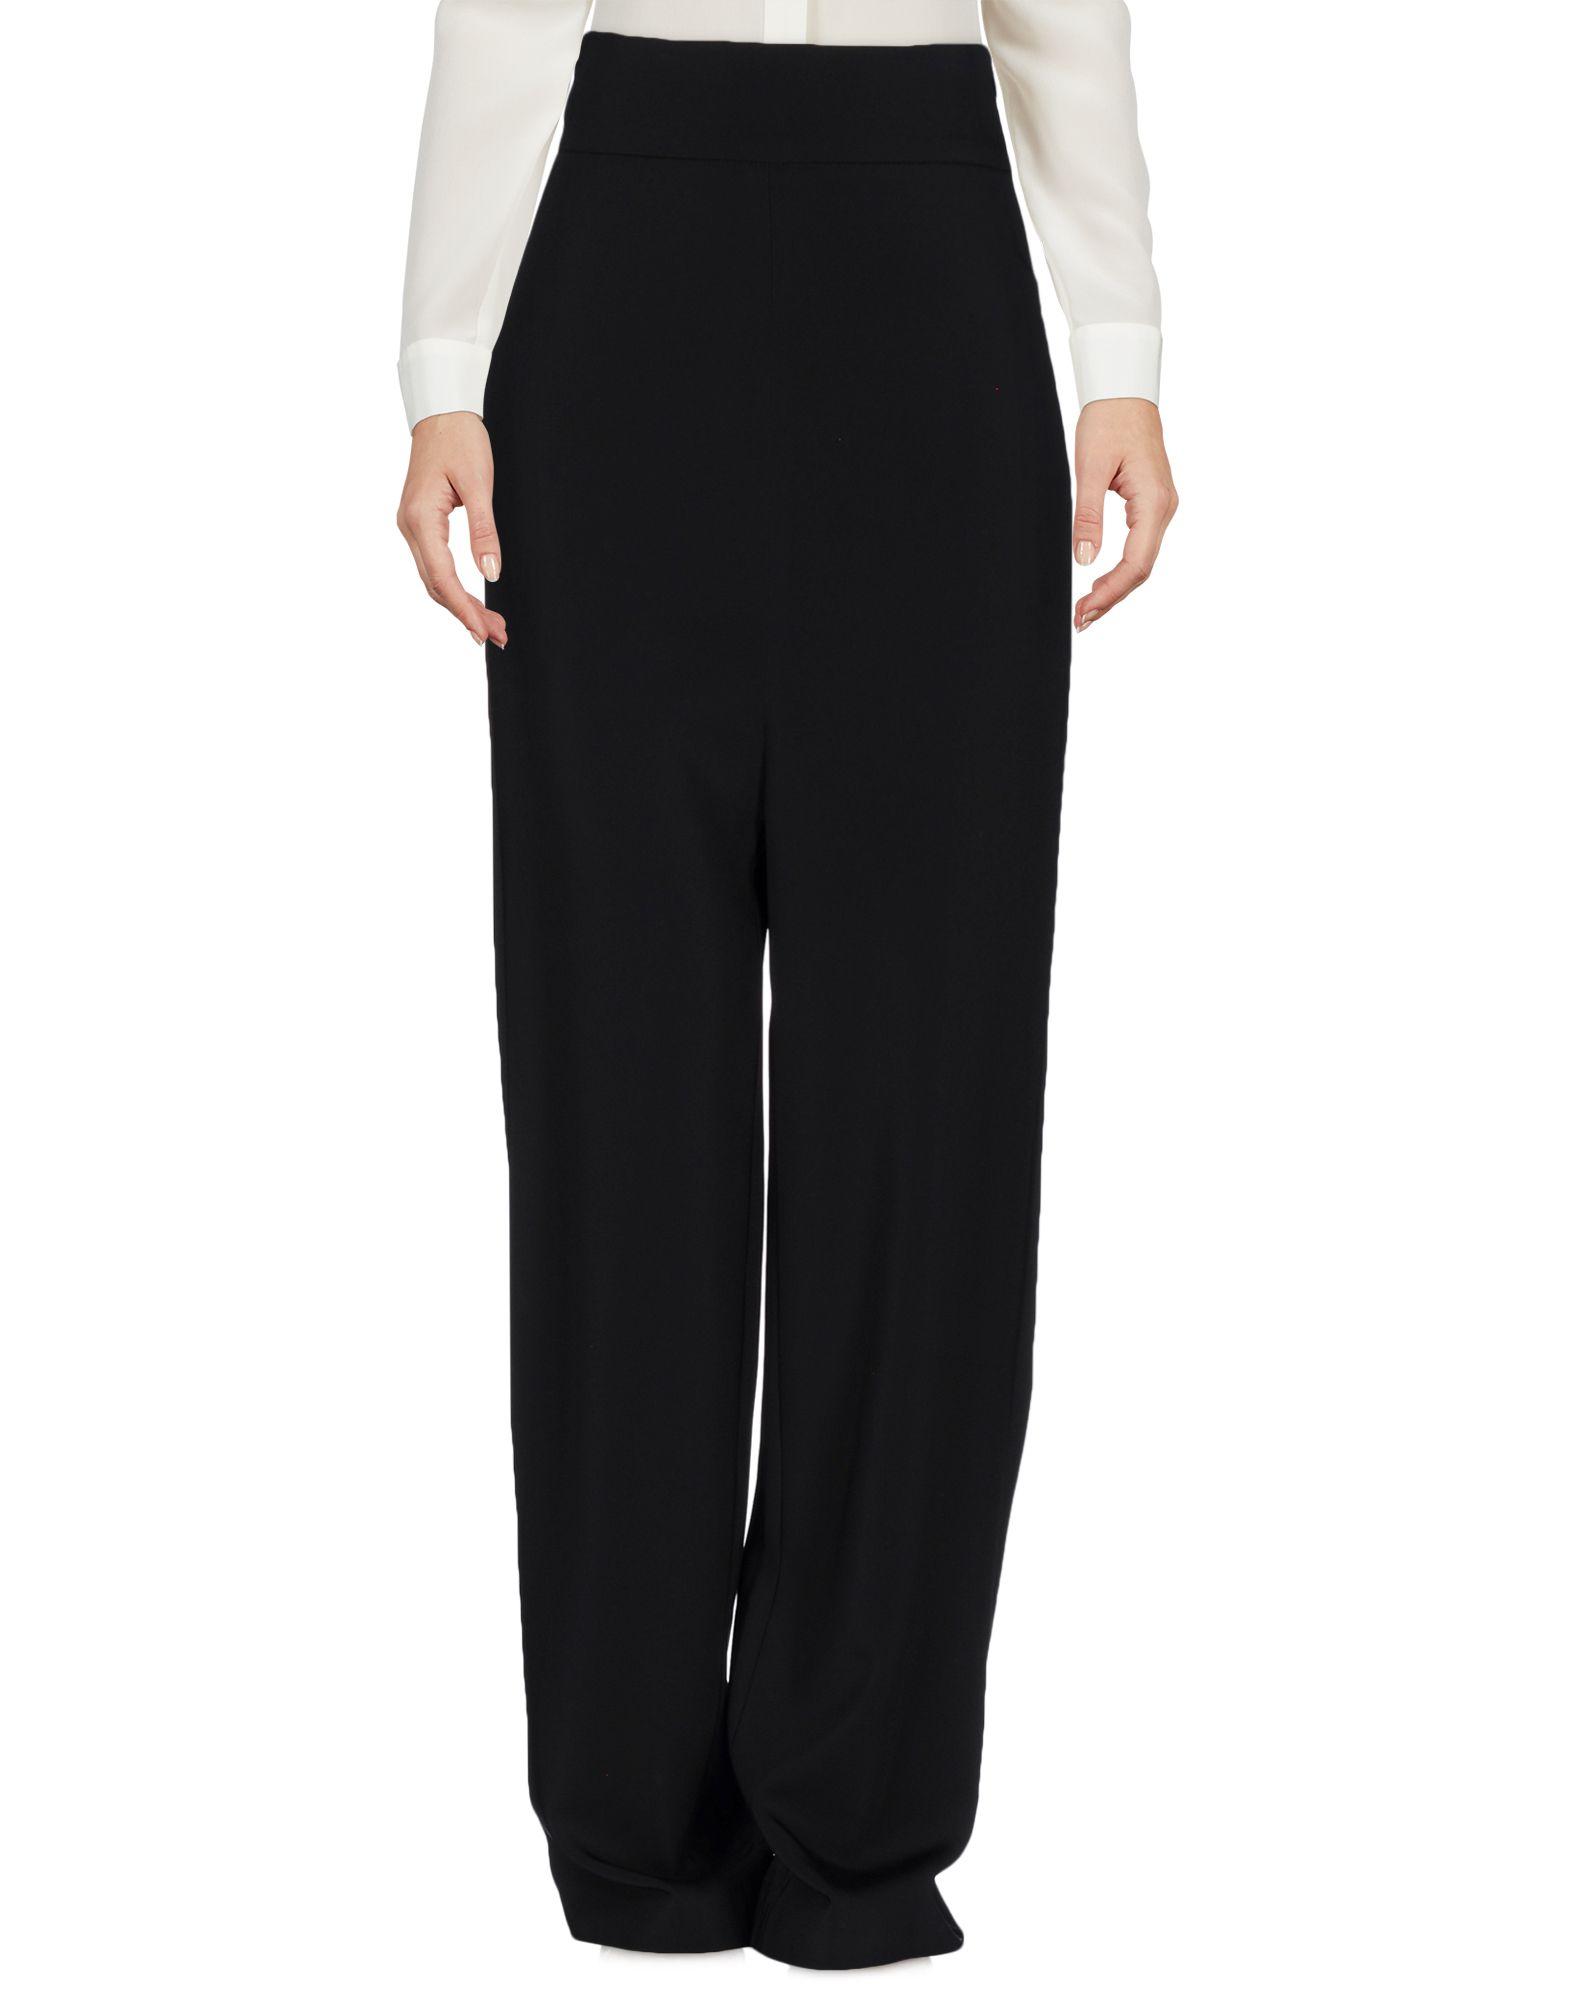 SIMONA CORSELLINI Damen Hose Farbe Schwarz Größe 6 jetztbilligerkaufen